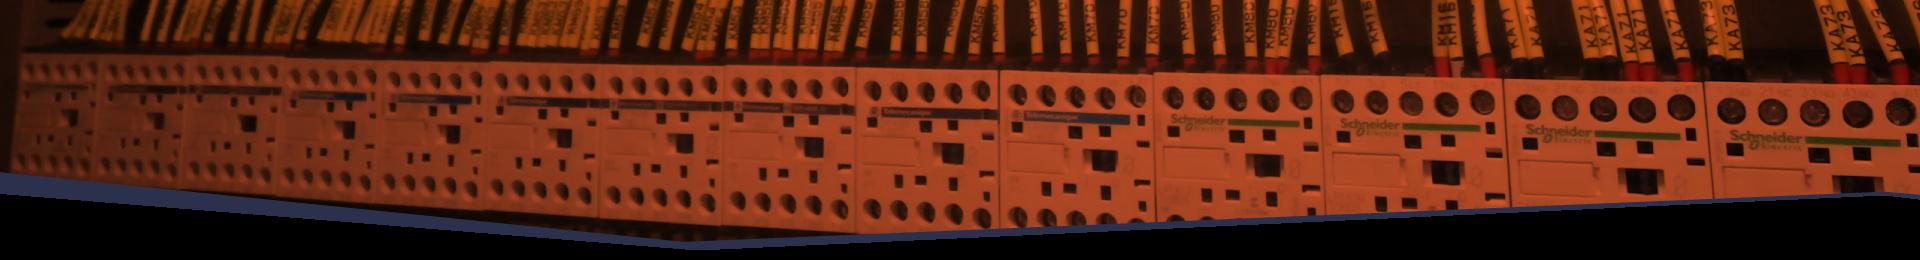 suporte tecnico para manutencao